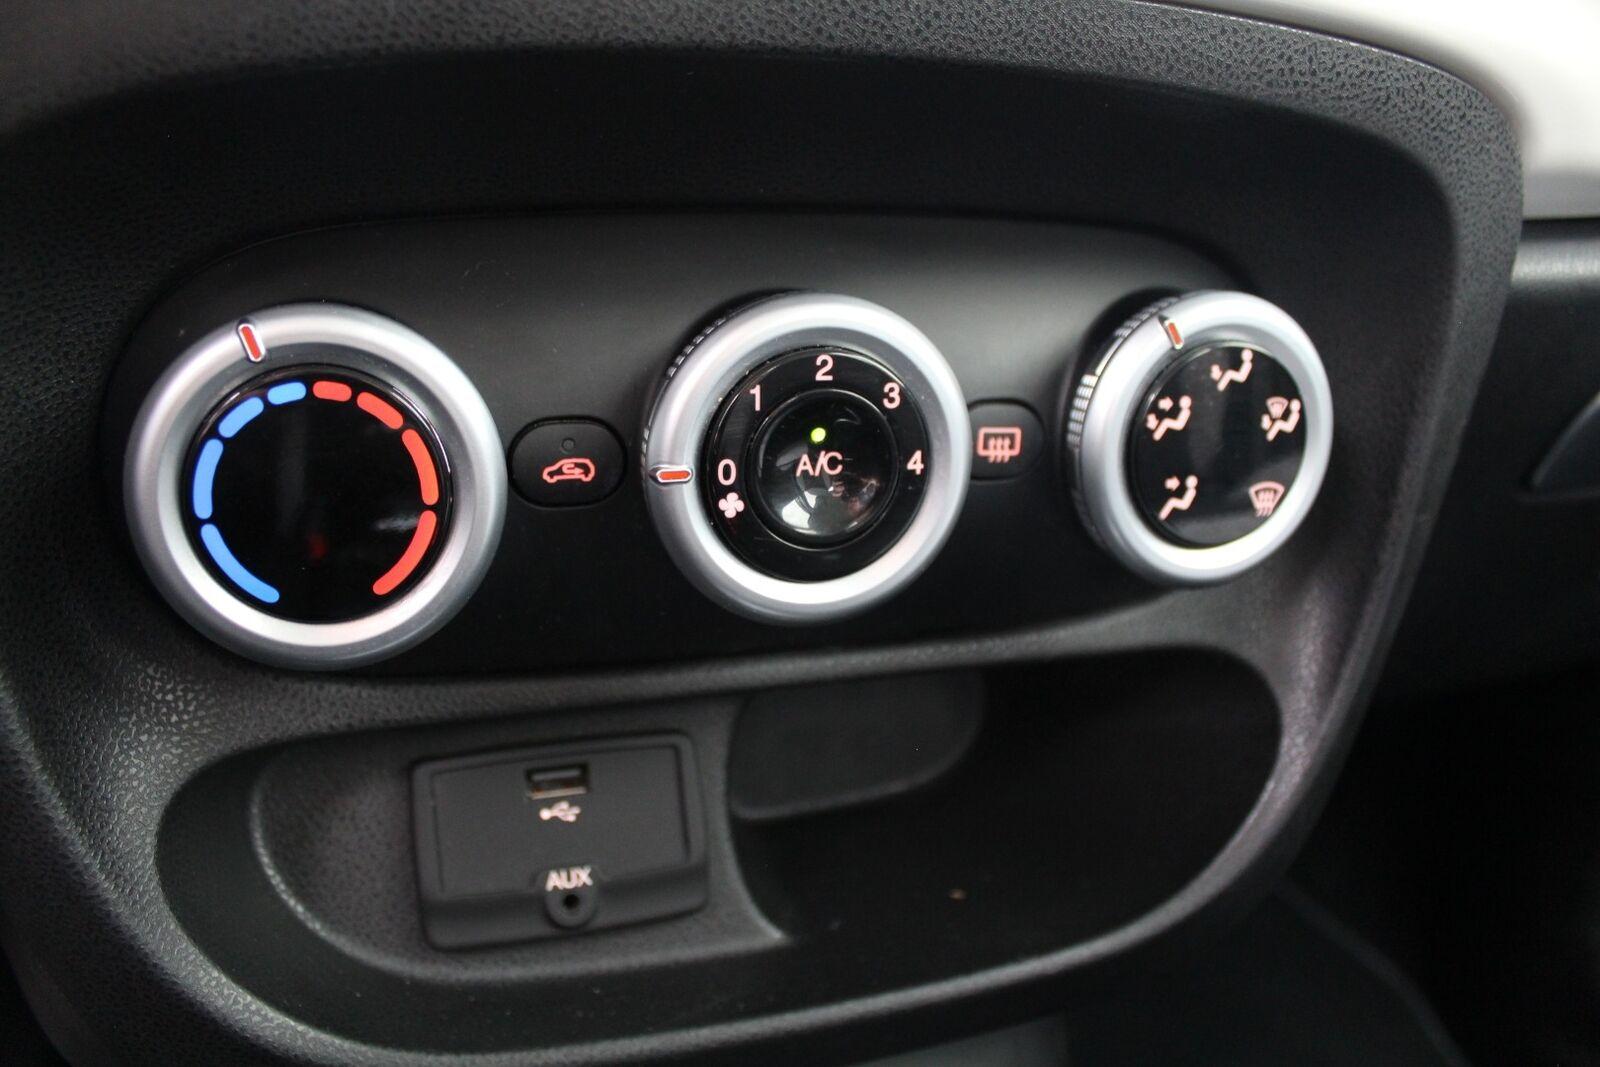 Fiat 500L 1,4 16V 95 Popstar - billede 10